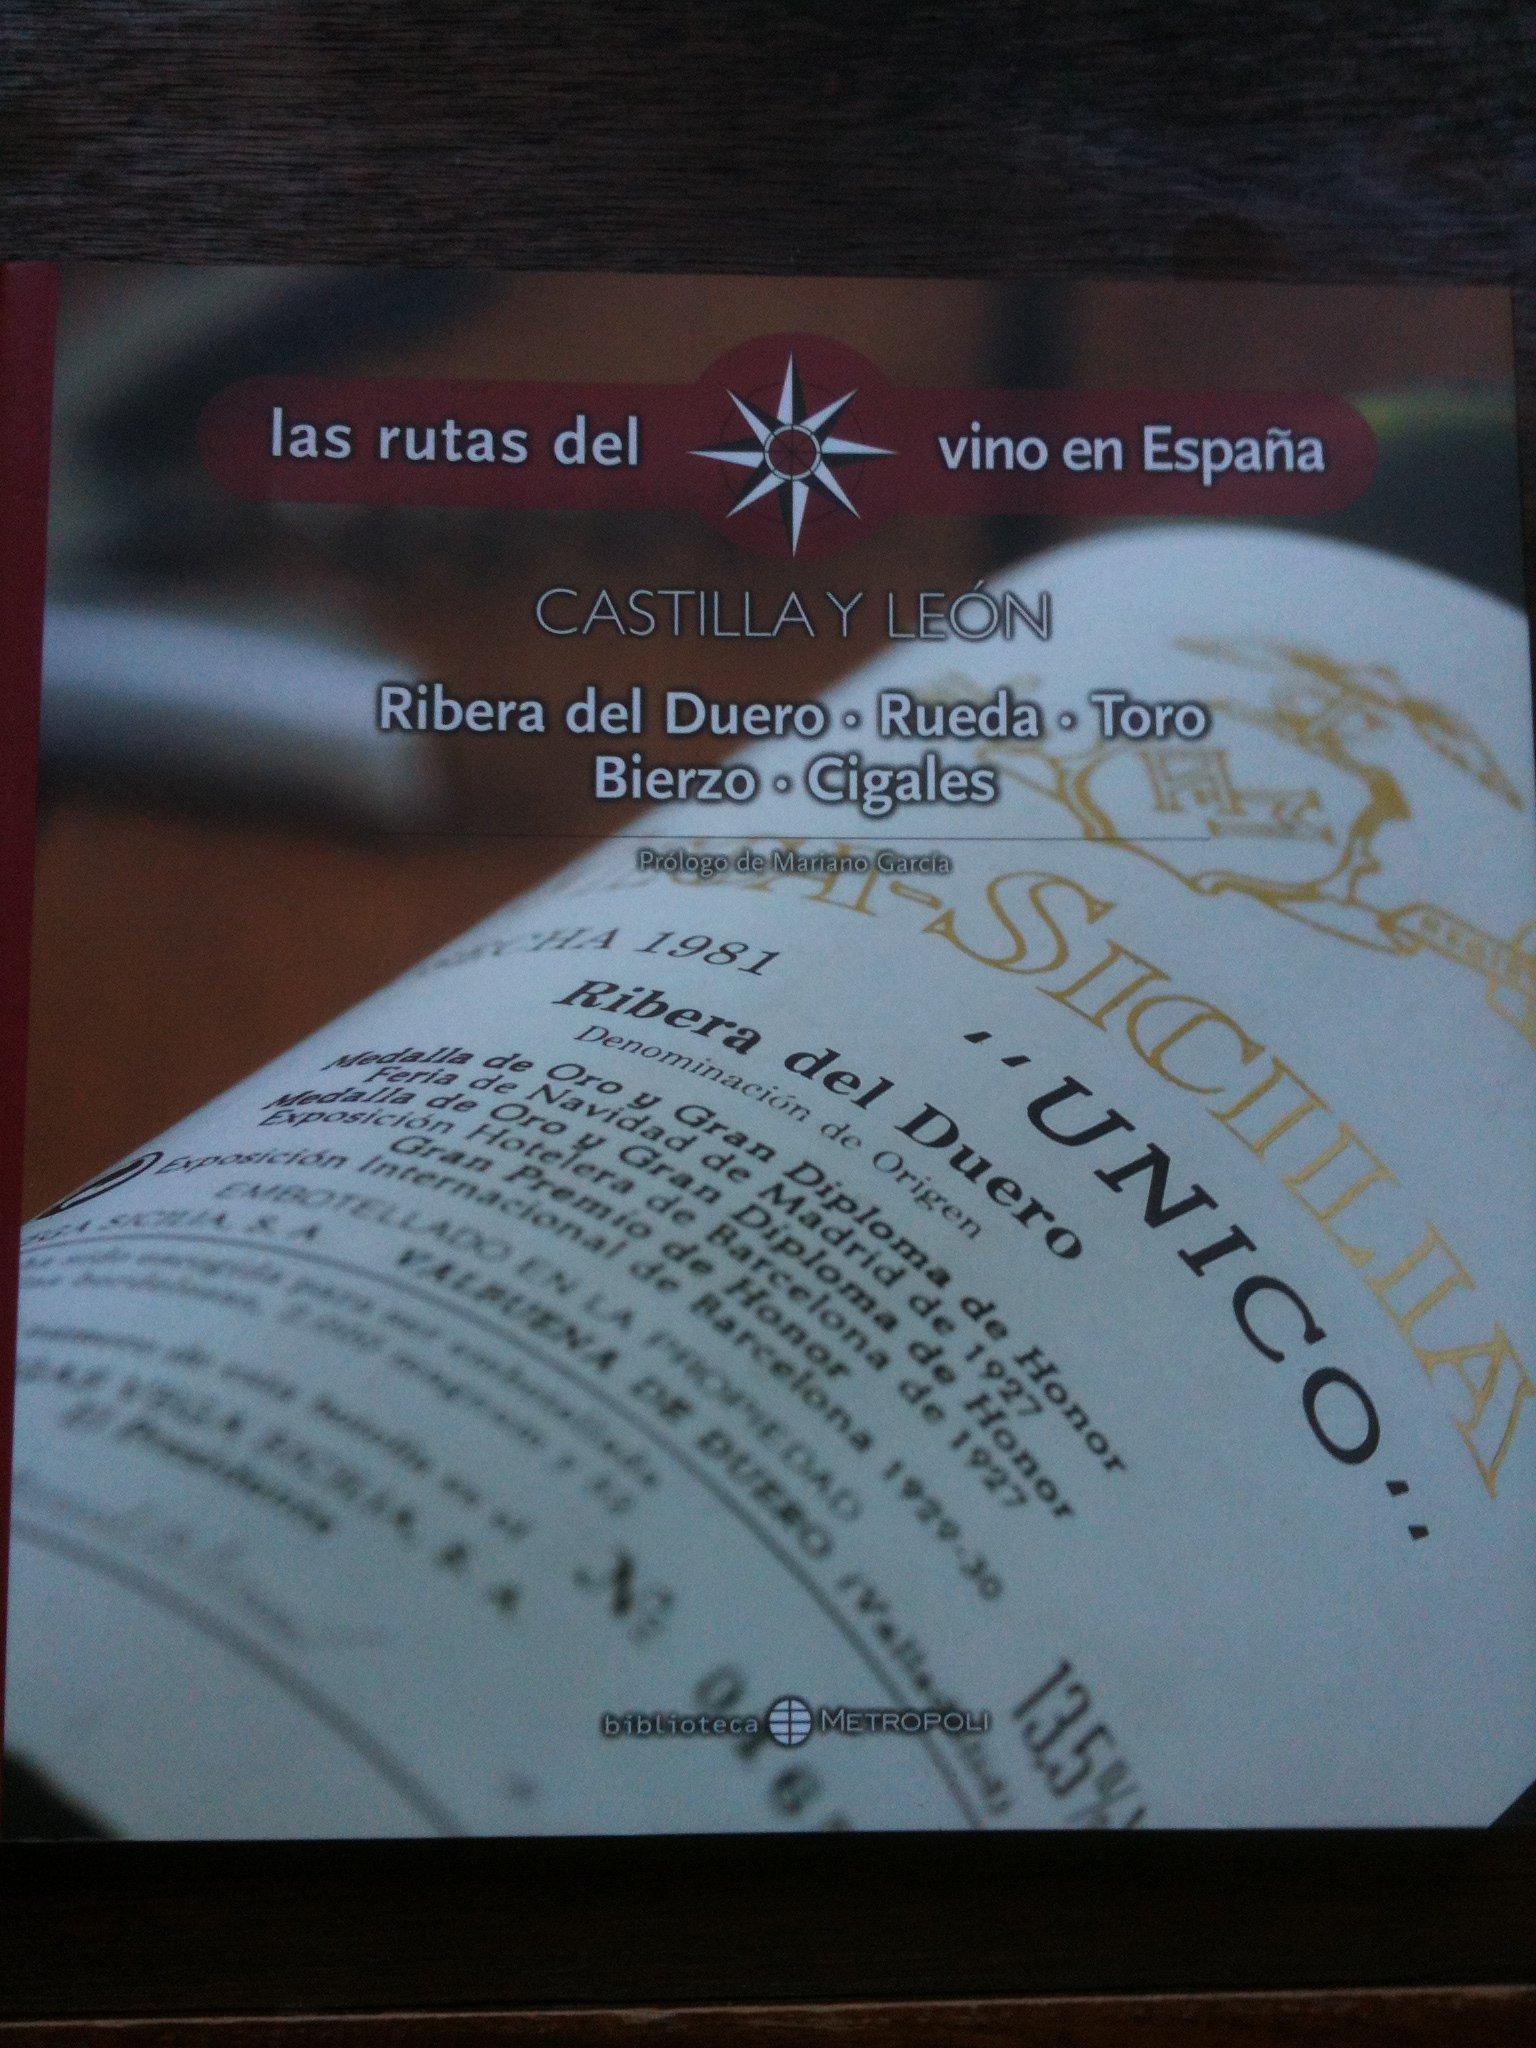 LAS RUTAS DEL VINO EN ESPAÑA-CASTILLA Y LEÓN,RIBERA DEL DUERO,RUEDA,TORO...MAGNÍFICAS ILUSTRACIONES FOTOGRÁFICAS: Amazon.es: BIBLIOTECA METROPOLIS: Libros